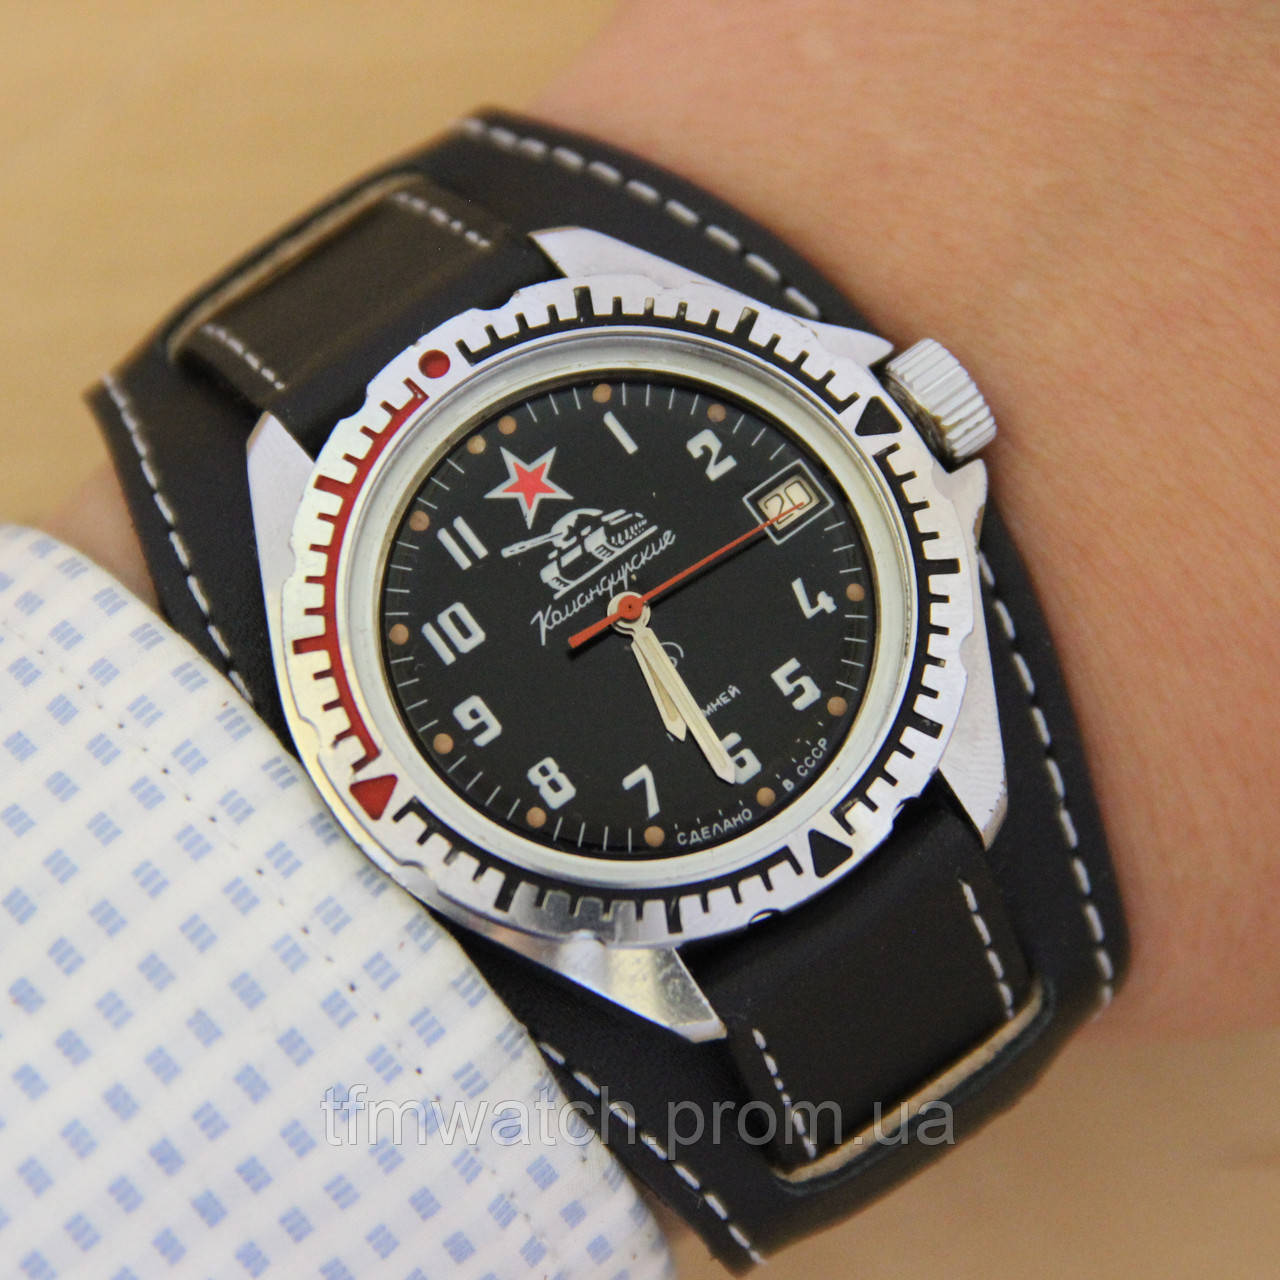 Часы восток новые командирские купить женские наручные часы на руках